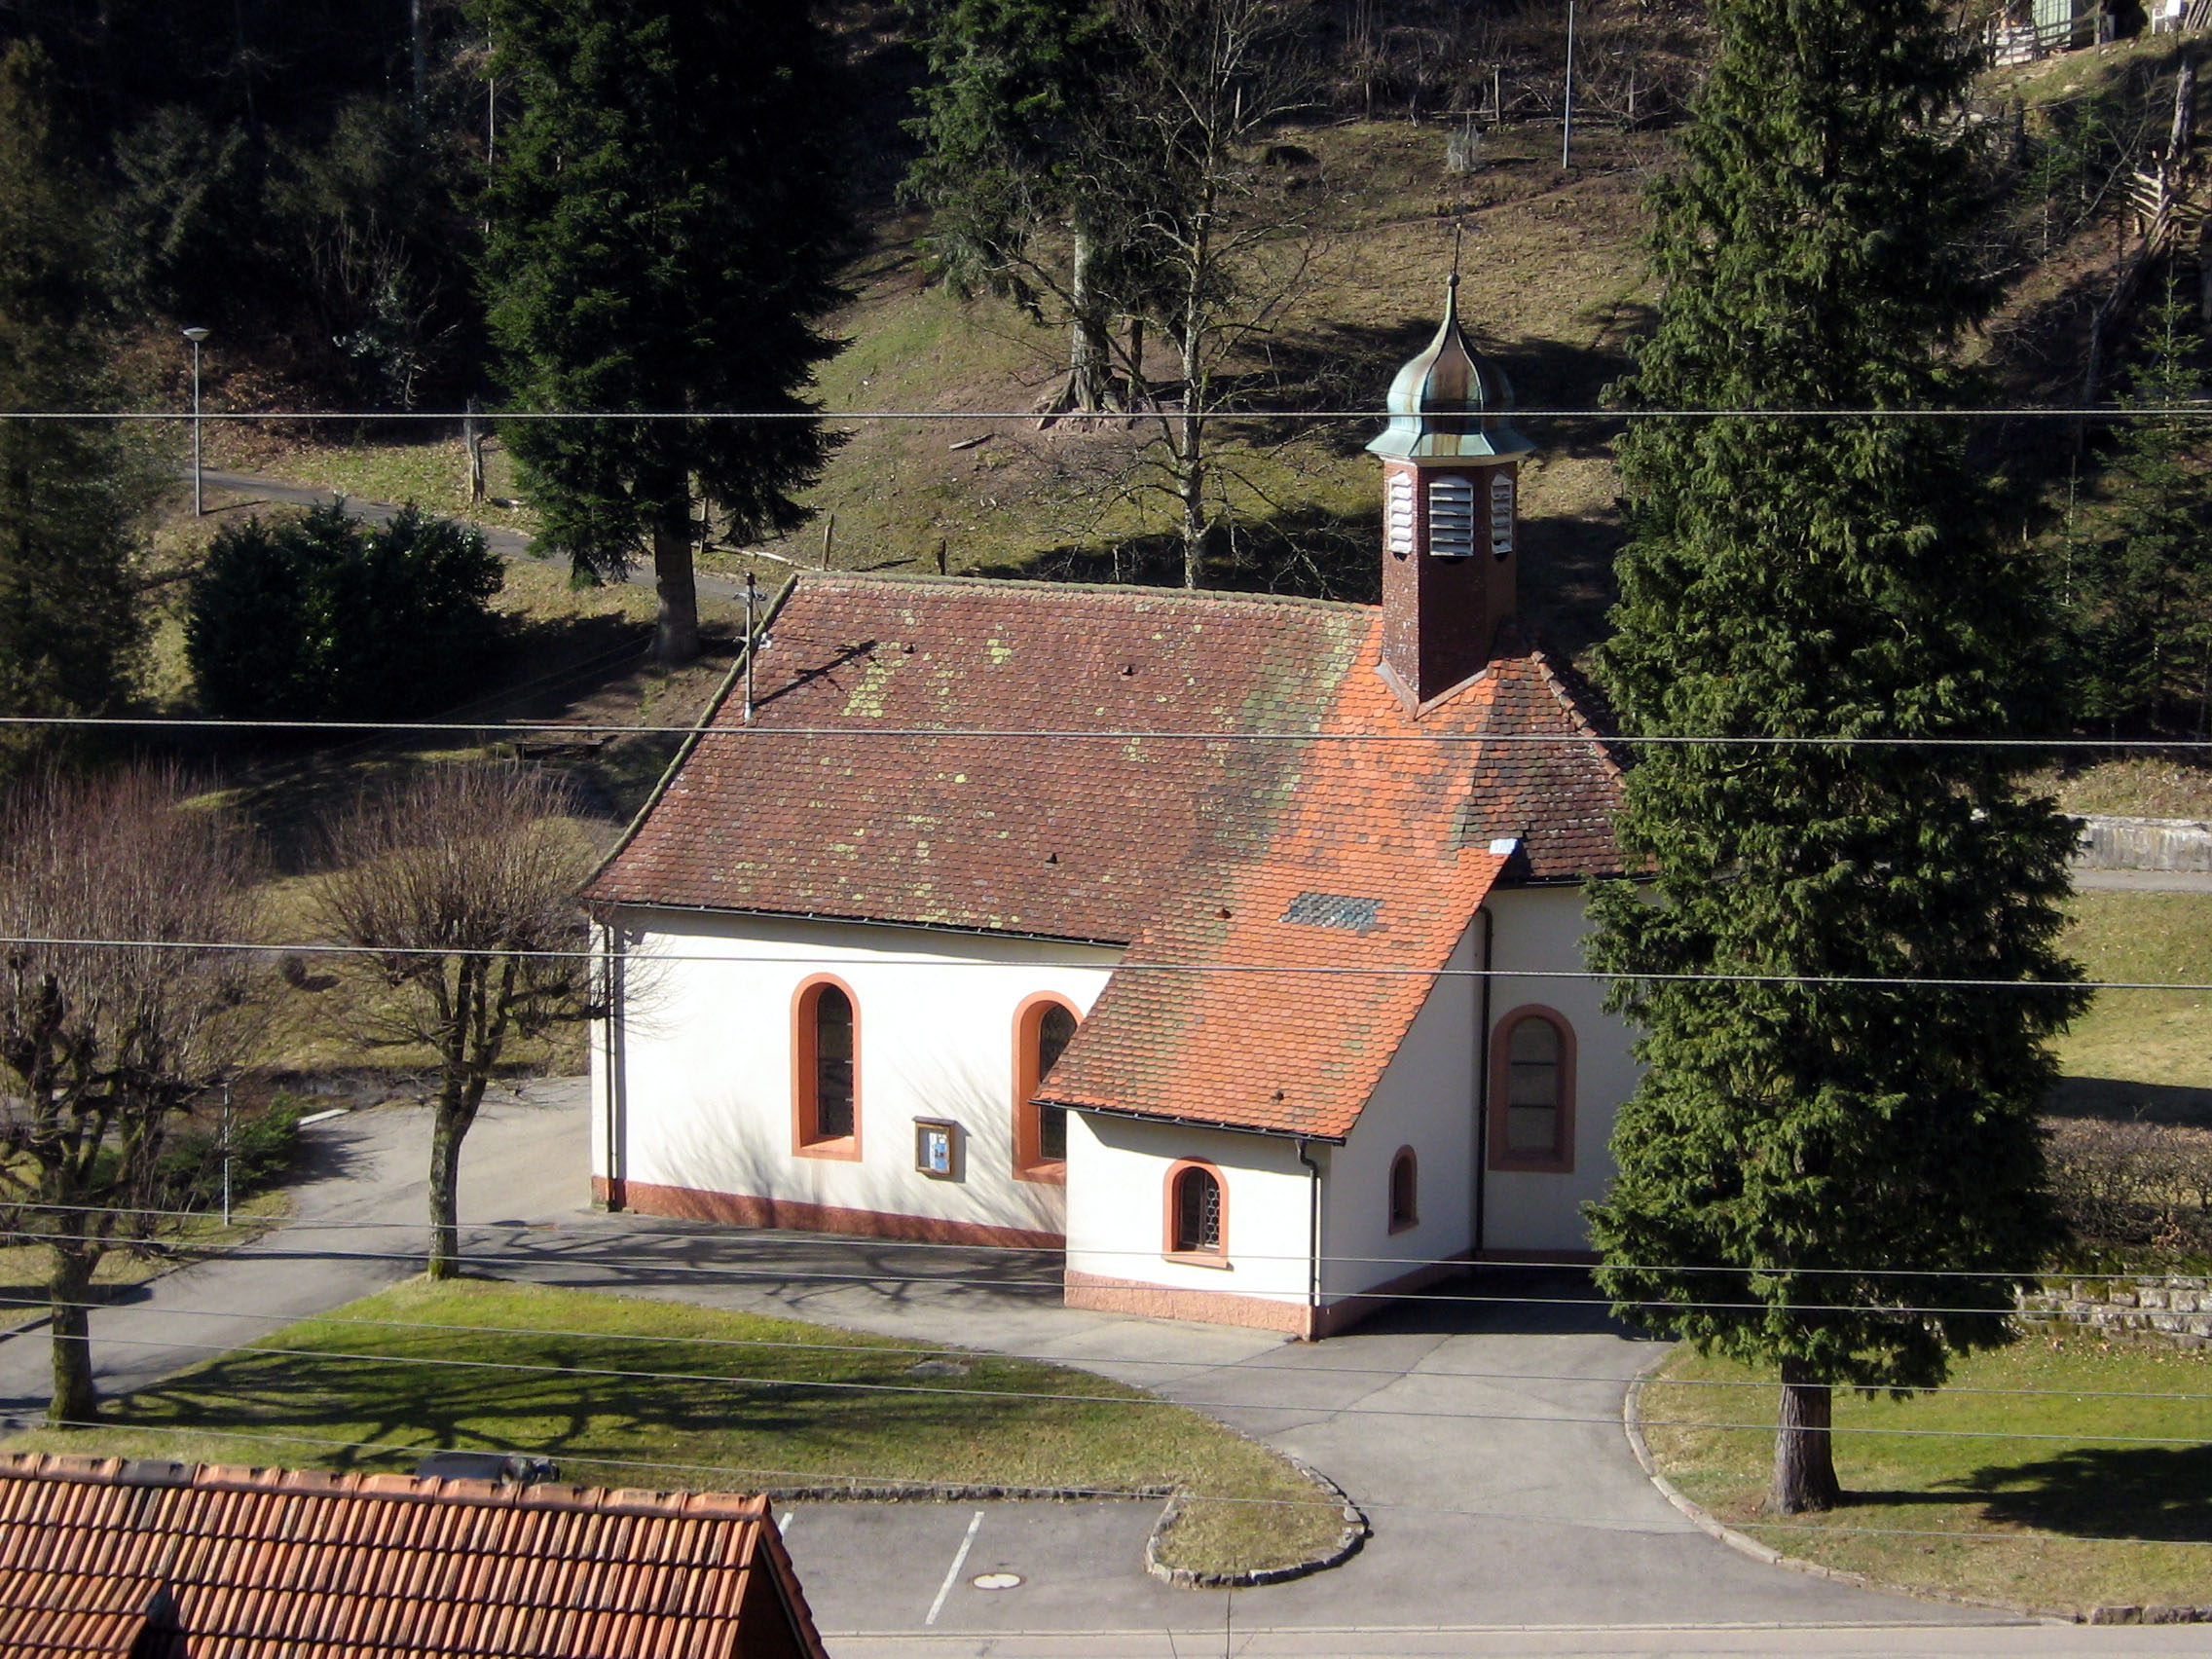 St. Nepomuk-Kapelle in Nordrach-Kolonie